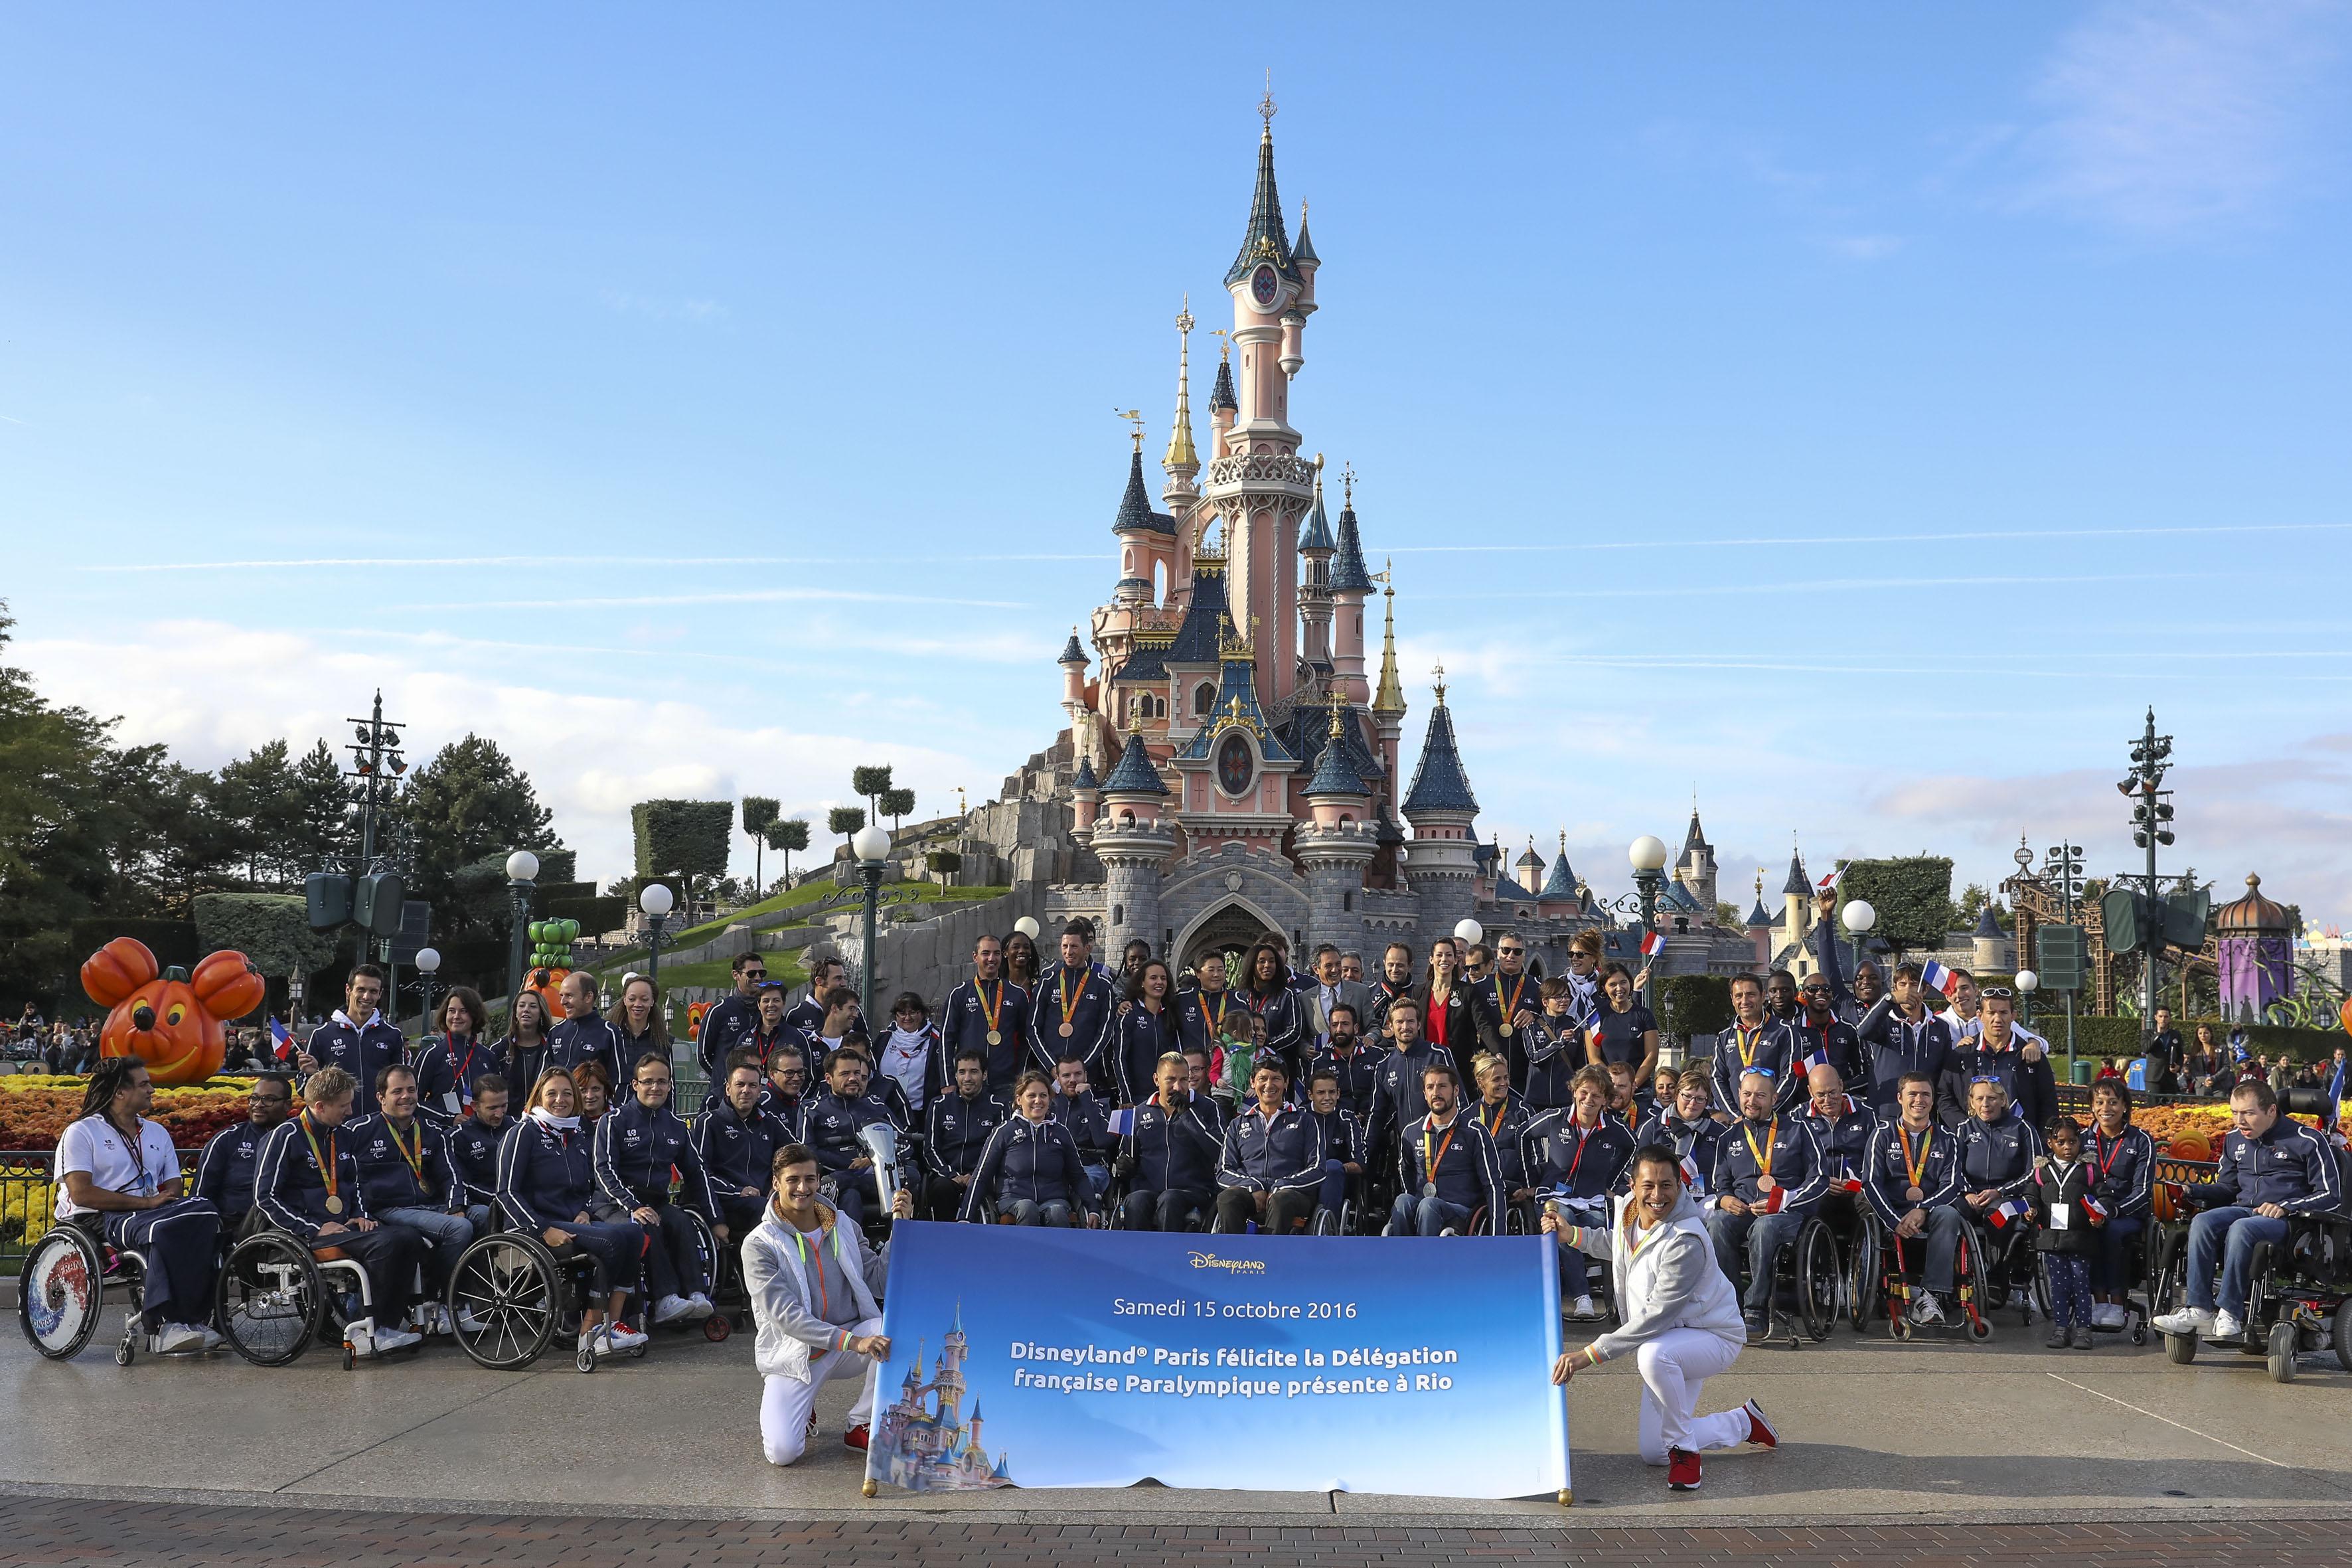 Délégation française Paralympique à Disneyland Paris (3).jpg